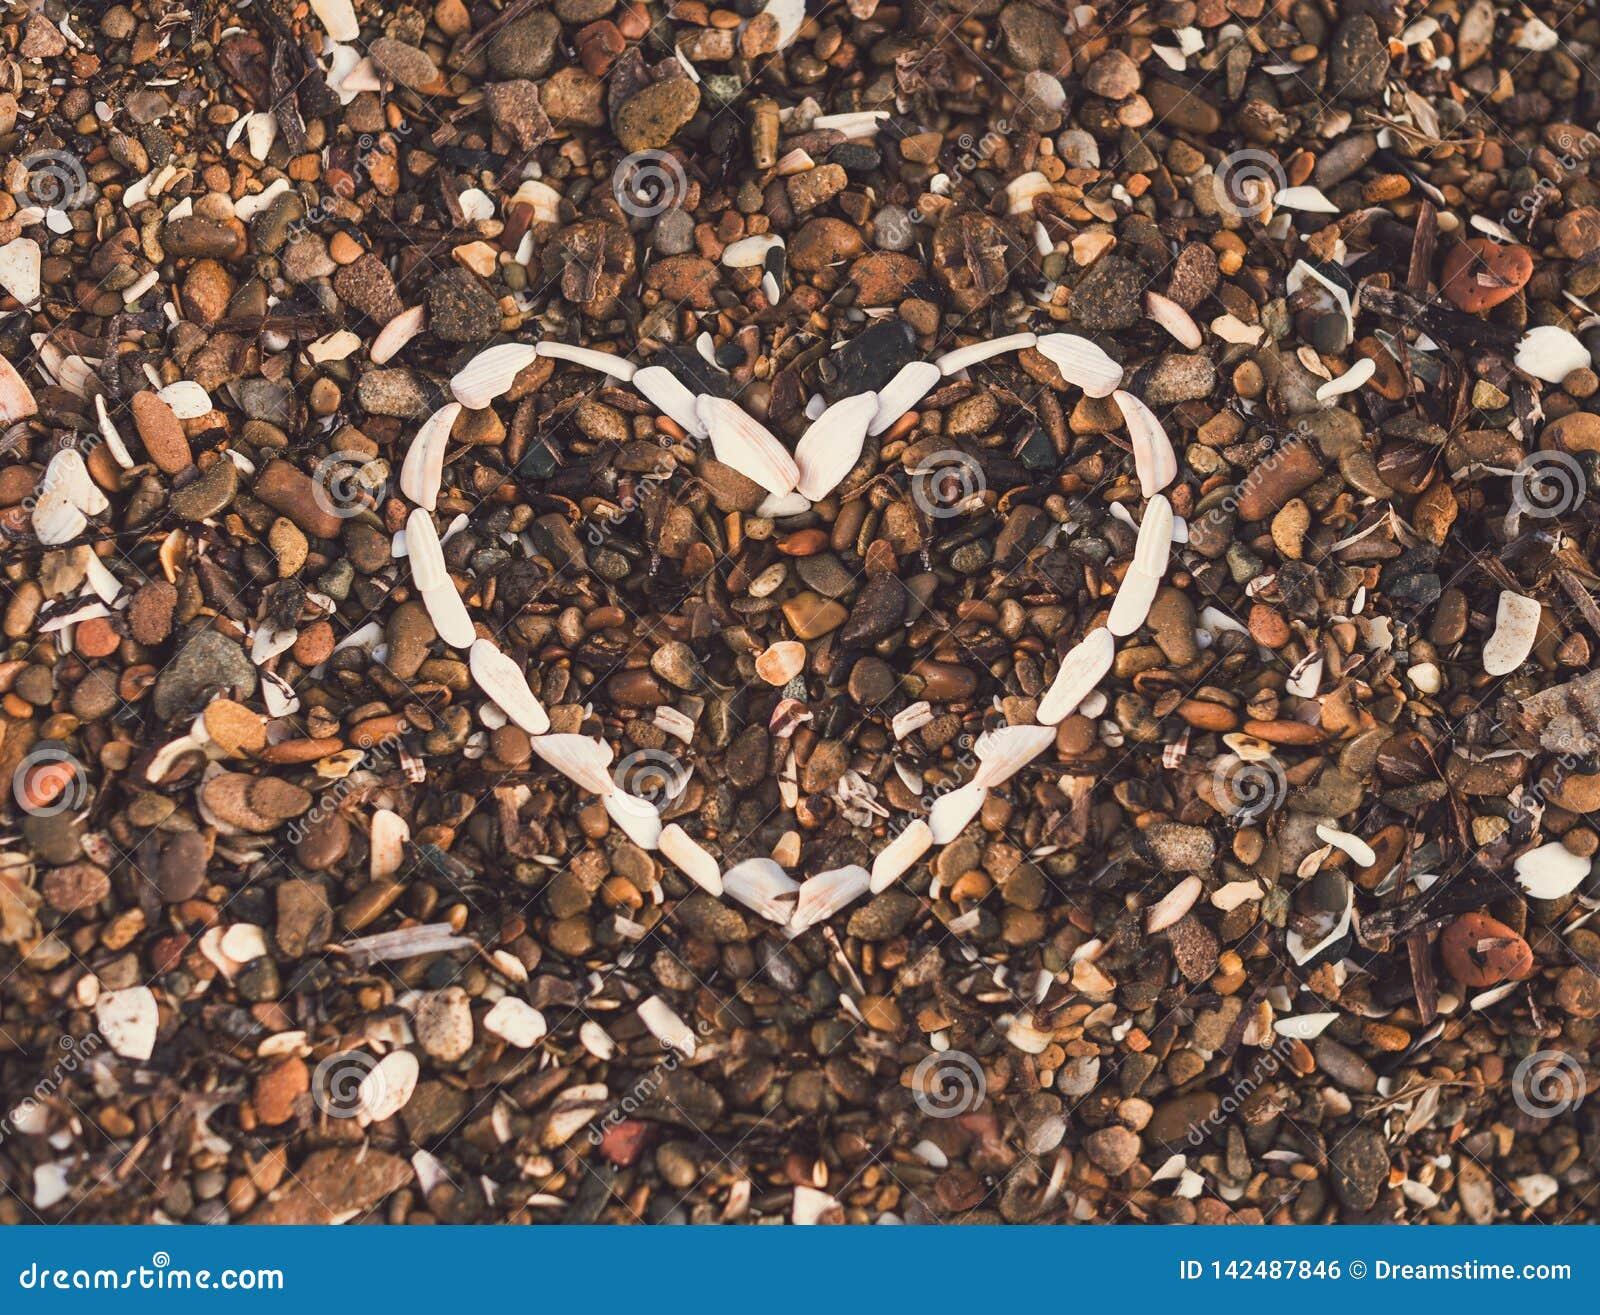 Corazón del fondo de las conchas marinas